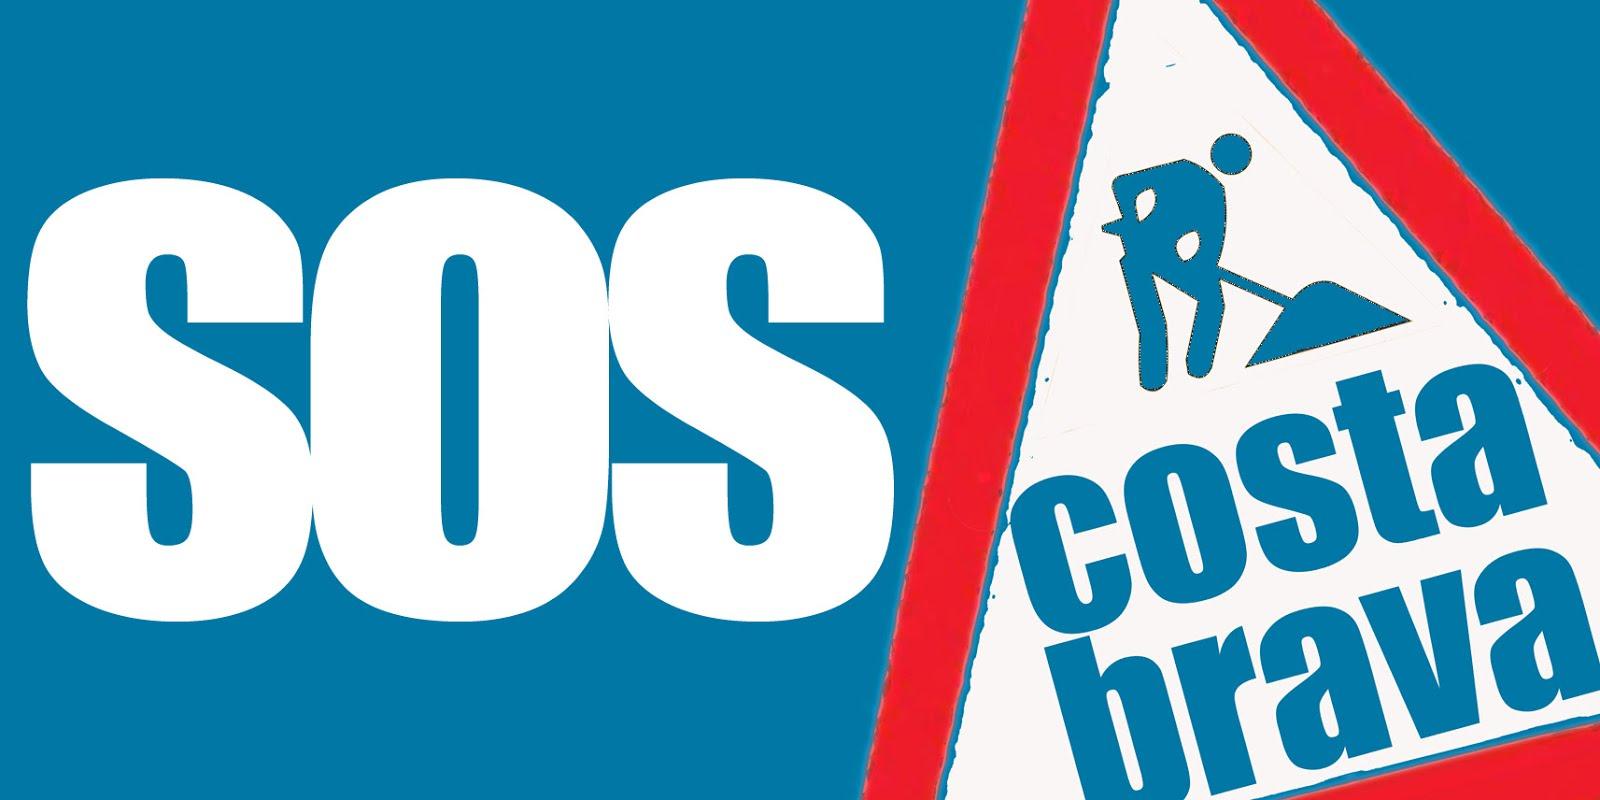 Campanya de SOS Costa Brava per finançar les despeses jurídiques dels projectes que volen aturar